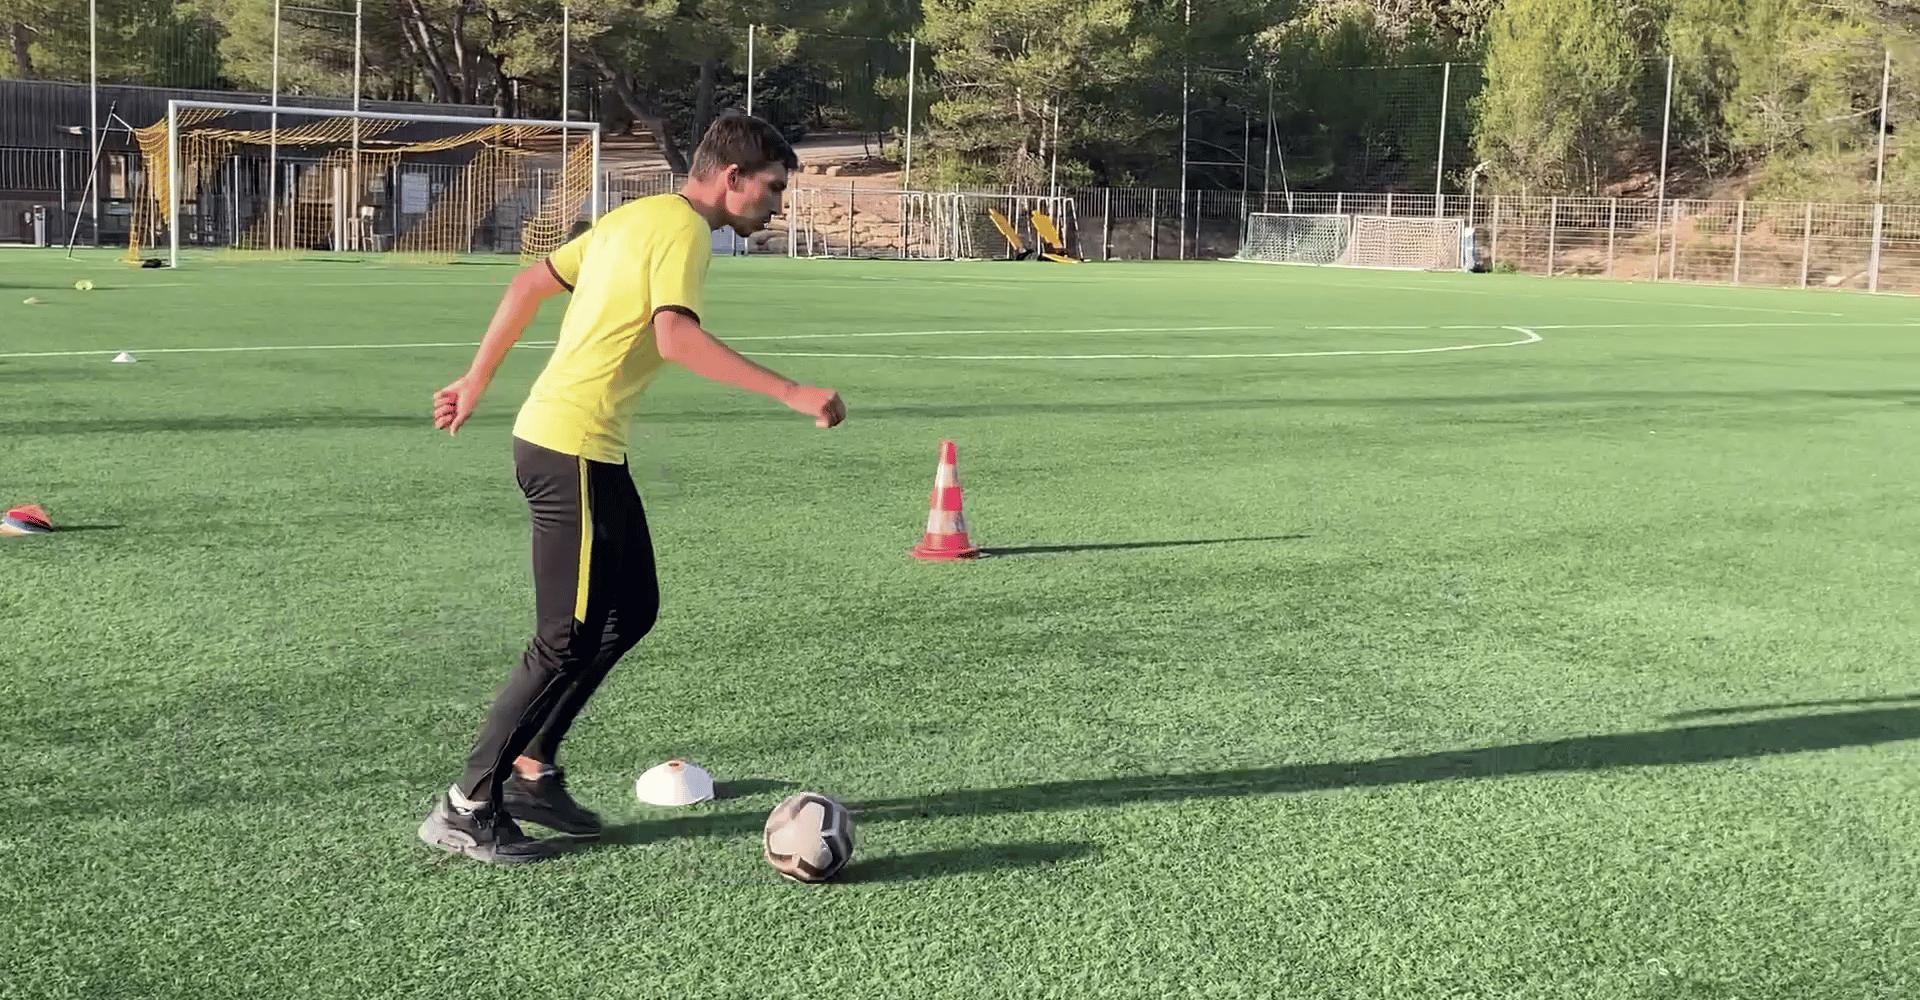 Le foot à la maison - Episode 2 / USV